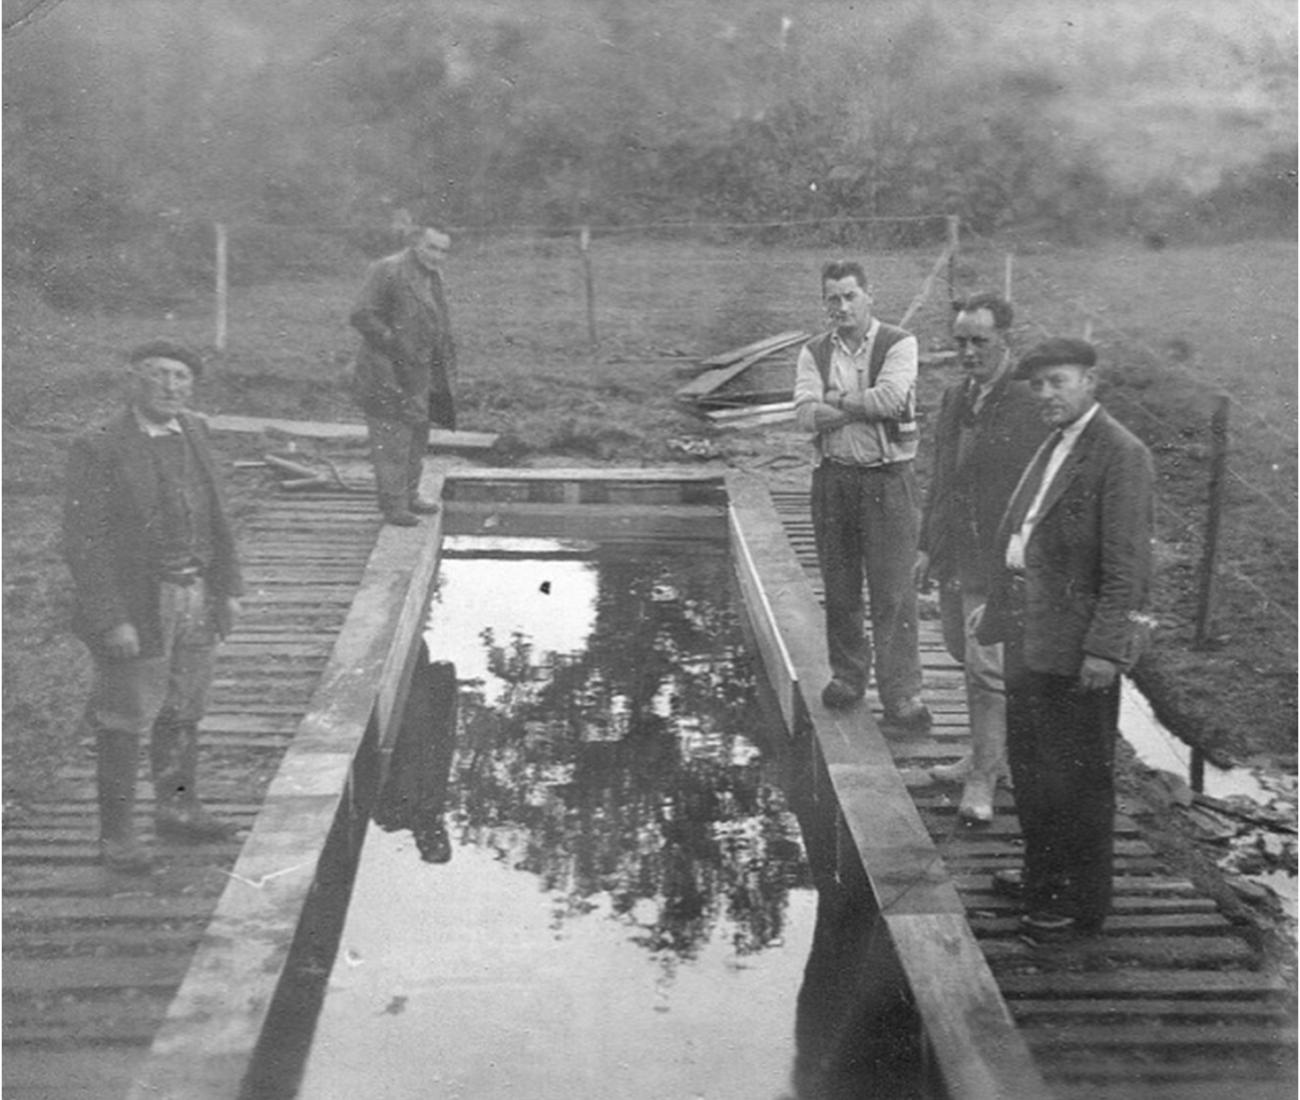 Pisciculture de Kerleo créée en 1956 - Visite des élus locaux